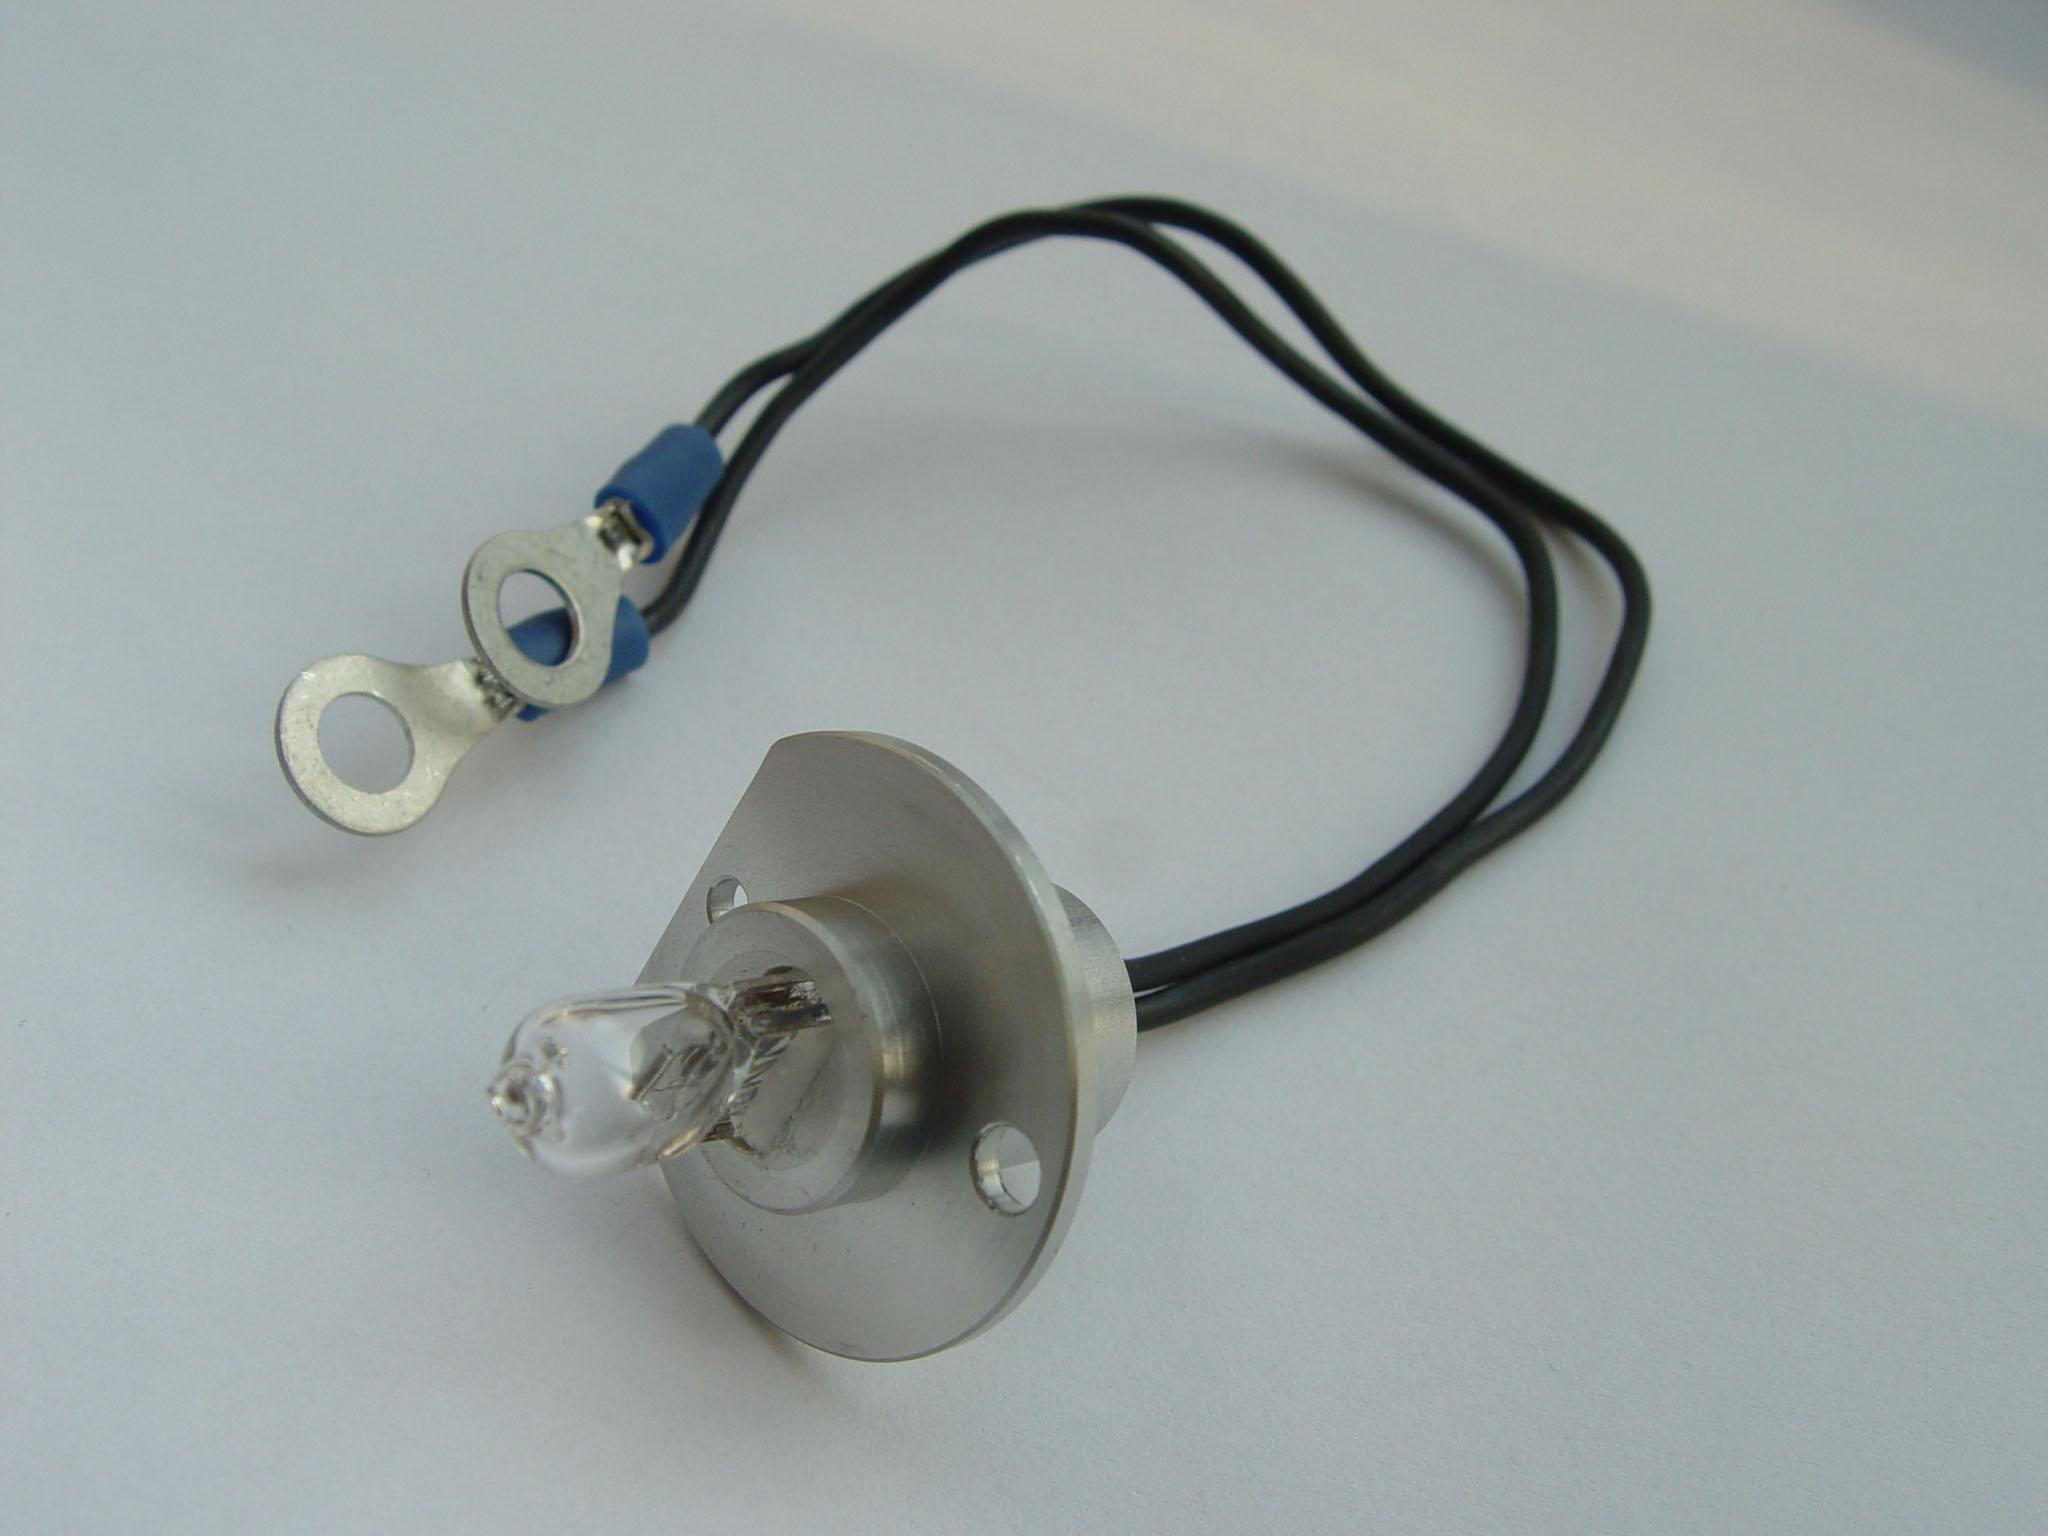 Bóng đèn dùng cho máy sinh hóa Mindray, SPINREACT..